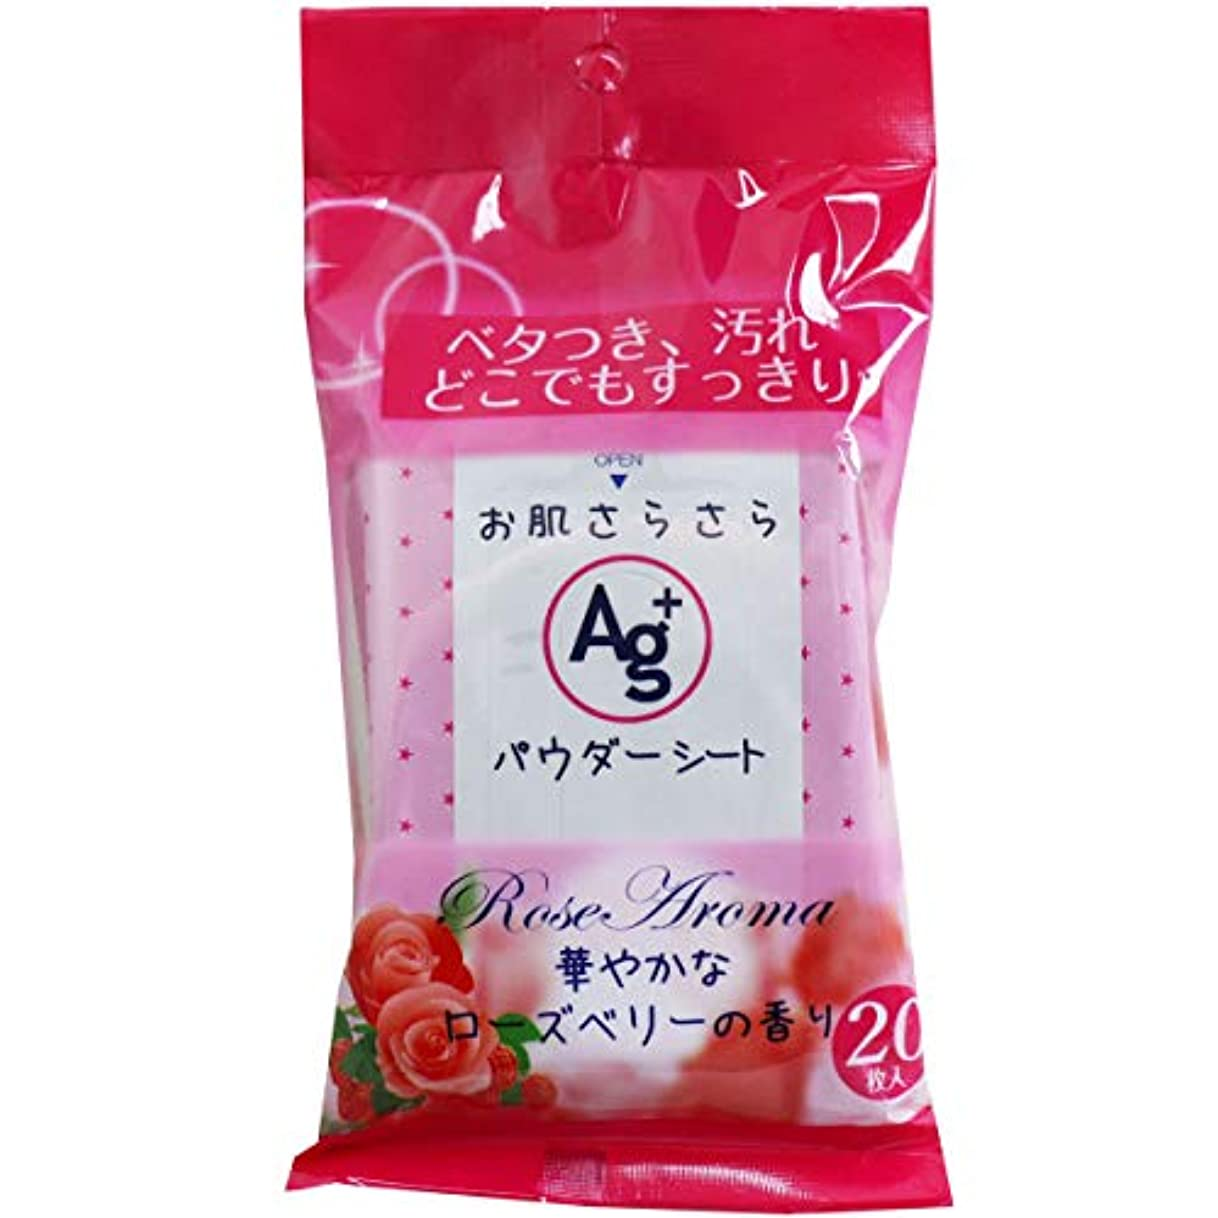 牛優遇アジア人お肌さらさらパウダーシート Ag+ ローズベリーの香り 20枚入